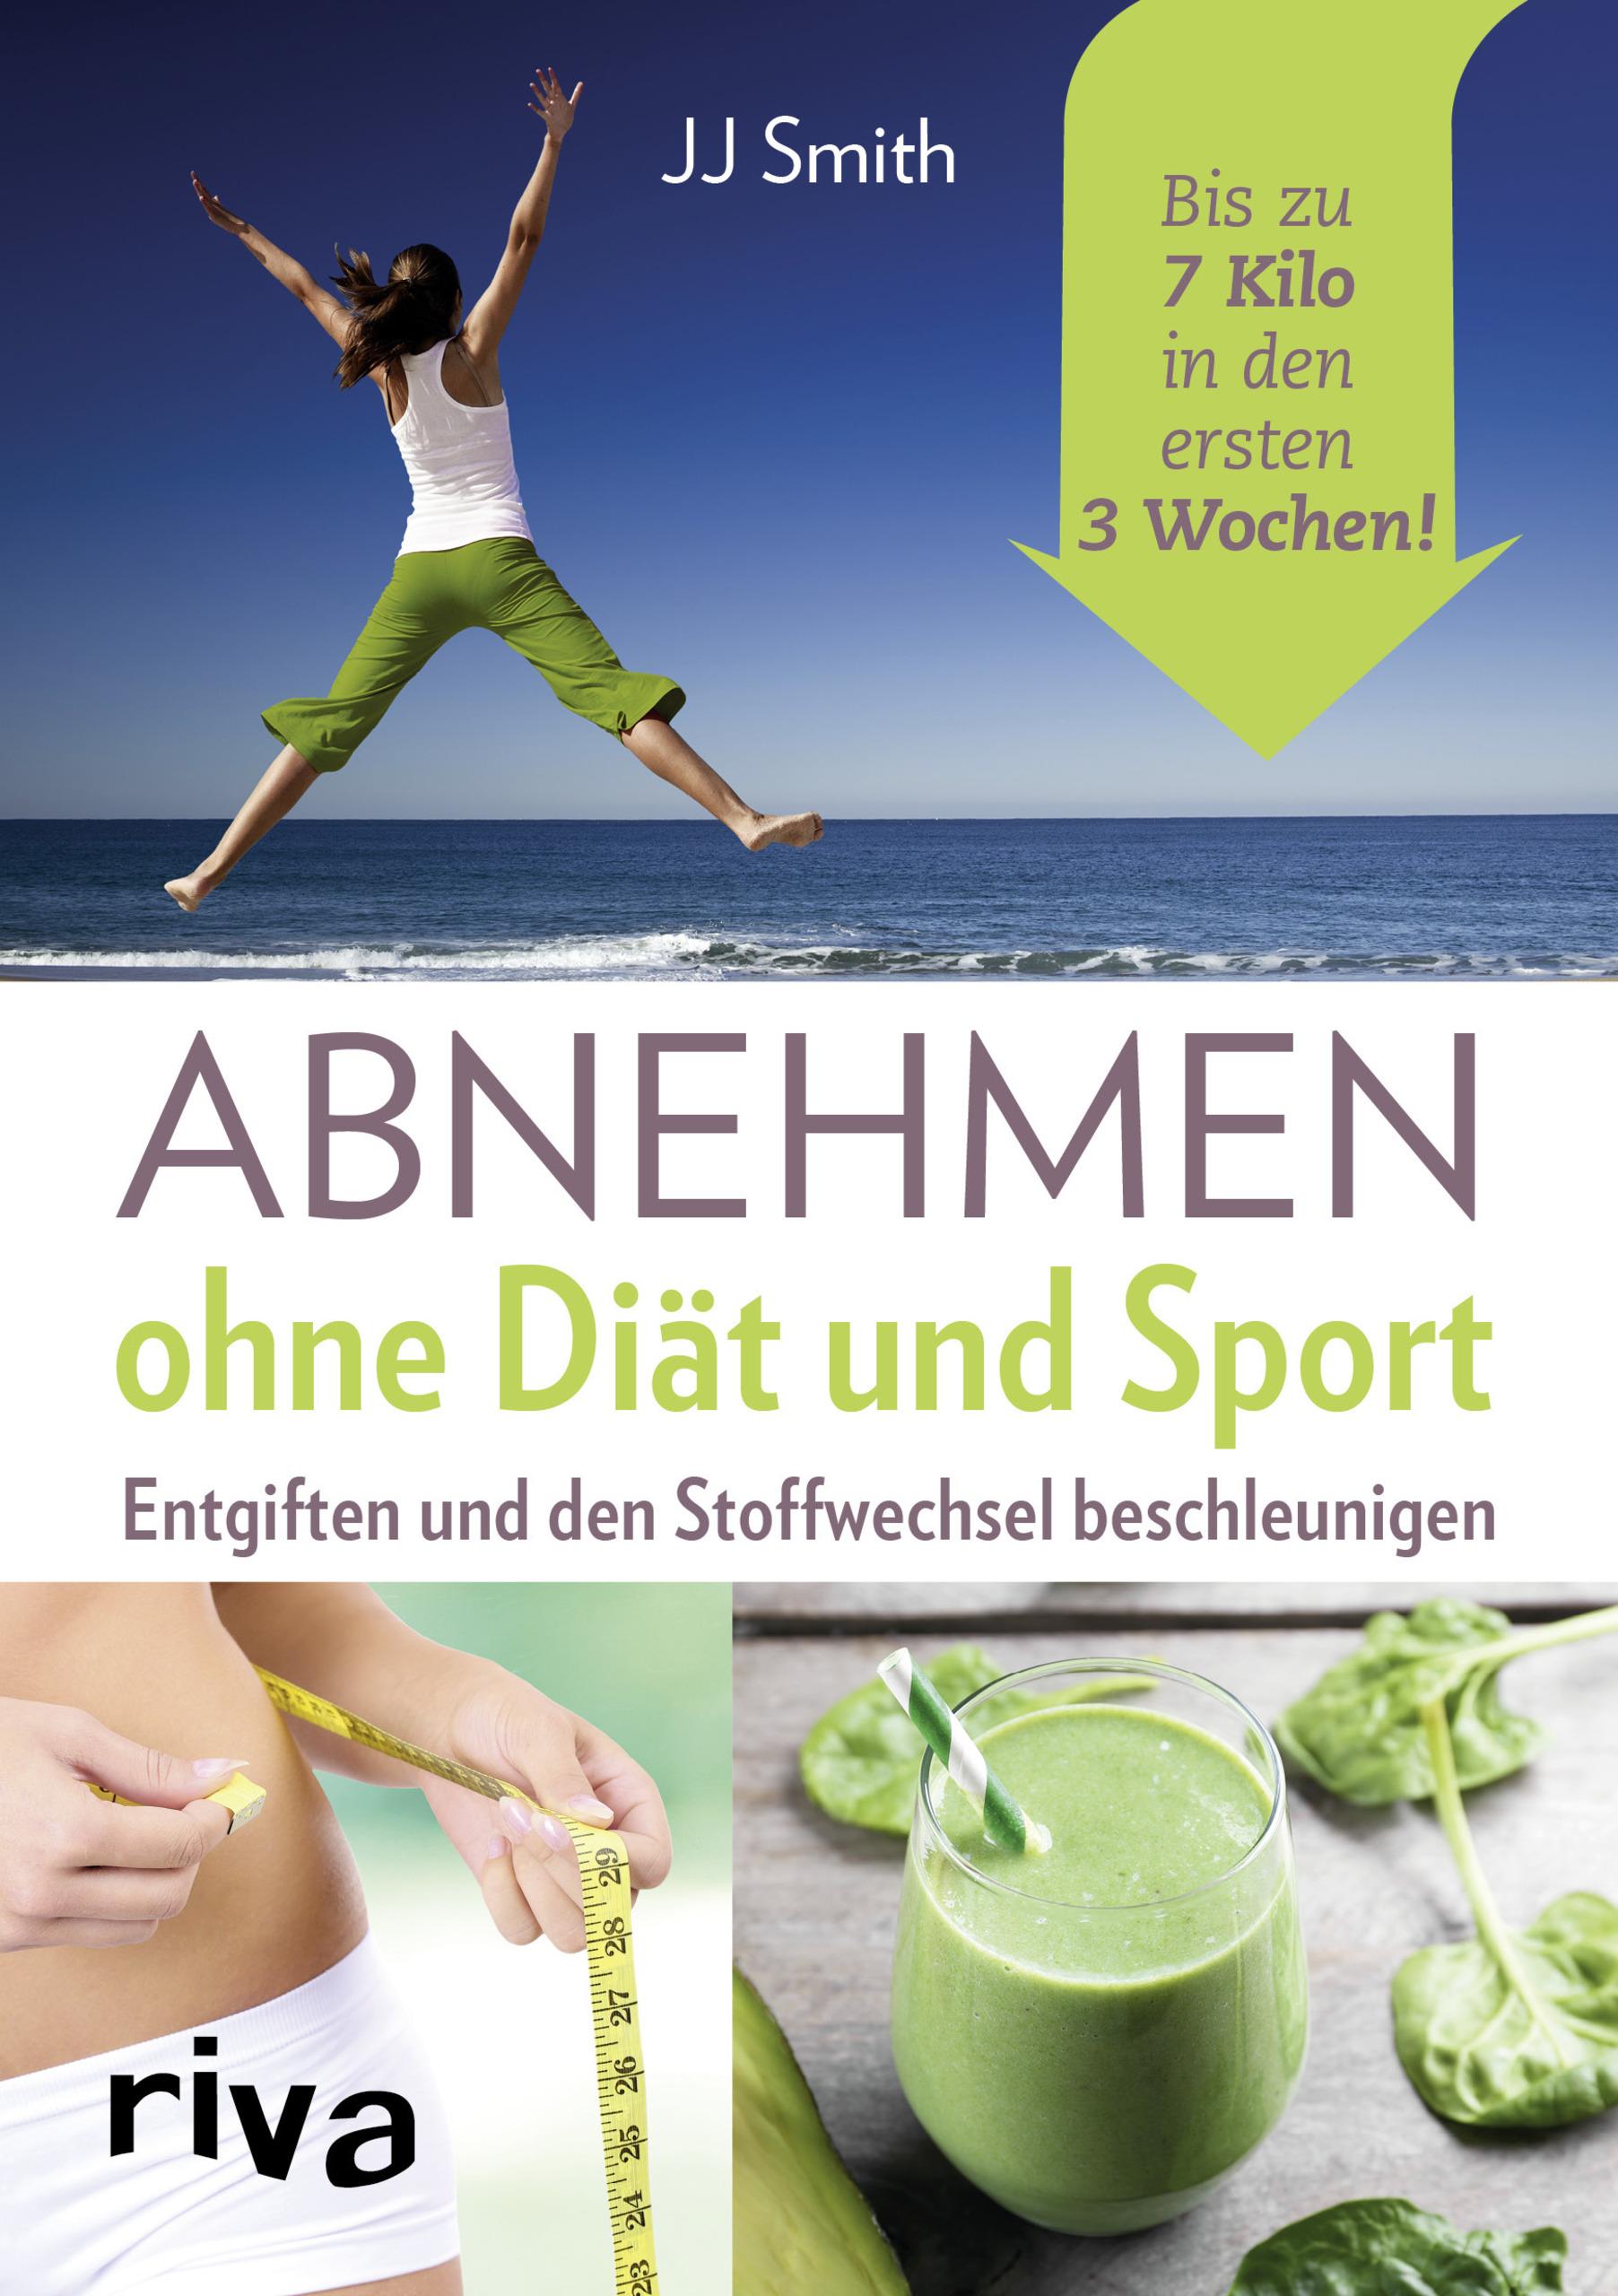 Abnehmen ohne Diät und Sport ~ J. J. Smith ~  9783742300454